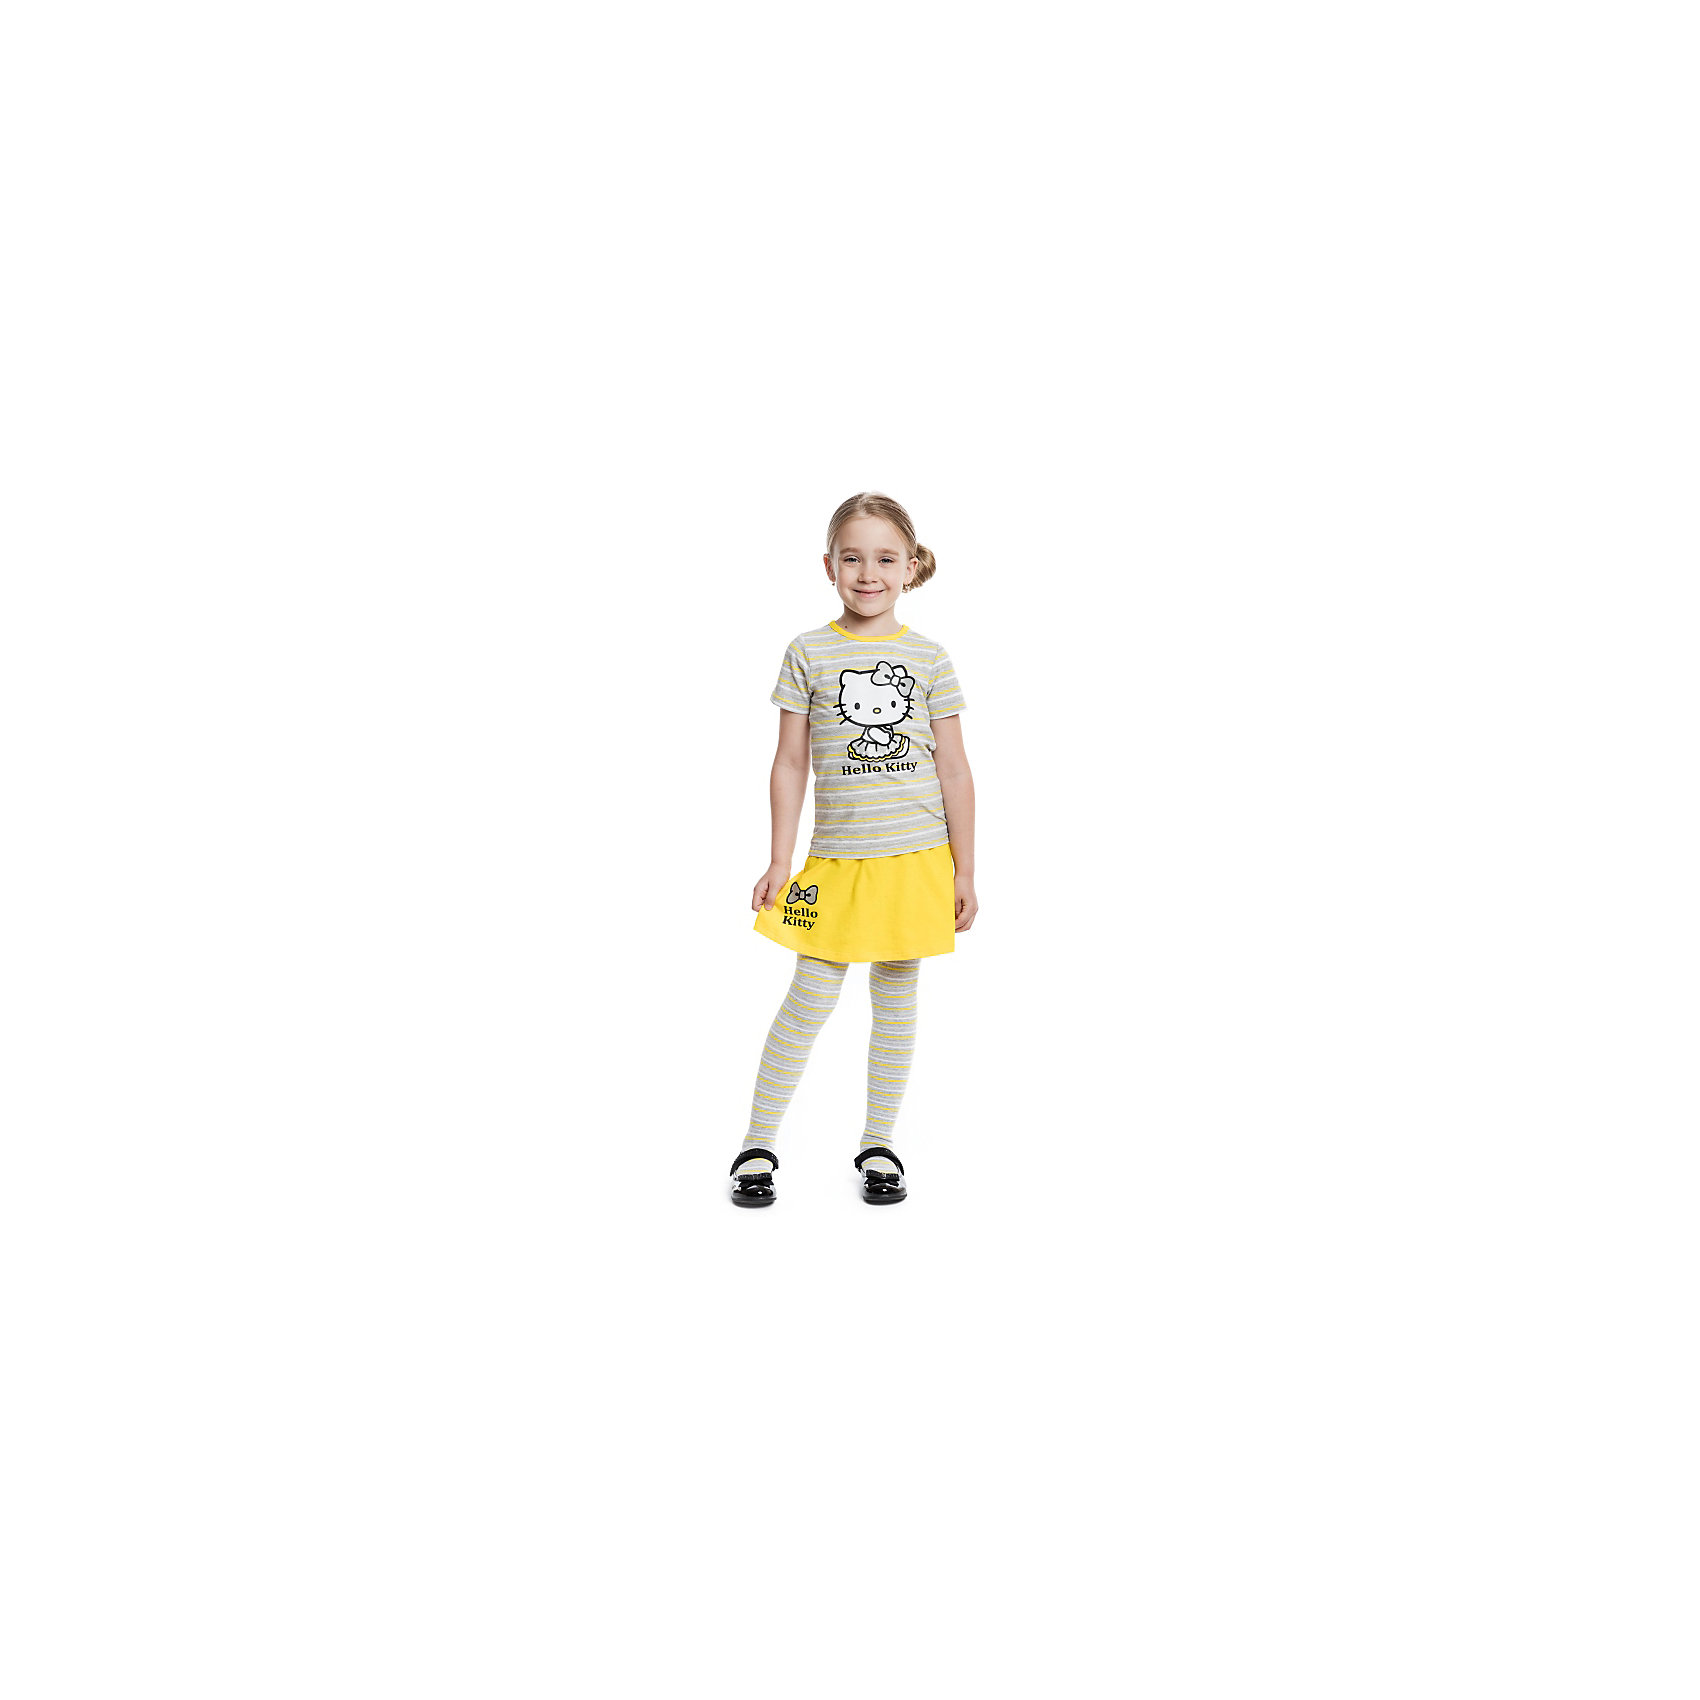 Комплект: футболка и юбка для девочки PlayTodayКомплекты<br>Комплект: футболка и юбка для девочки от известного бренда PlayToday.<br>Яркий комплект изх футболки с короткими рукавами и юбки. Футболка украшена лицензионным принтом Hello Kitty. Пояс юбки на мягкой резинке. Декорирована объемным бантиком и резиновым принтом с надписью.<br>Состав:<br>95% хлопок, 5% эластан<br><br>Ширина мм: 207<br>Глубина мм: 10<br>Высота мм: 189<br>Вес г: 183<br>Цвет: разноцветный<br>Возраст от месяцев: 72<br>Возраст до месяцев: 84<br>Пол: Женский<br>Возраст: Детский<br>Размер: 122,104,110,116,128,98<br>SKU: 4897159